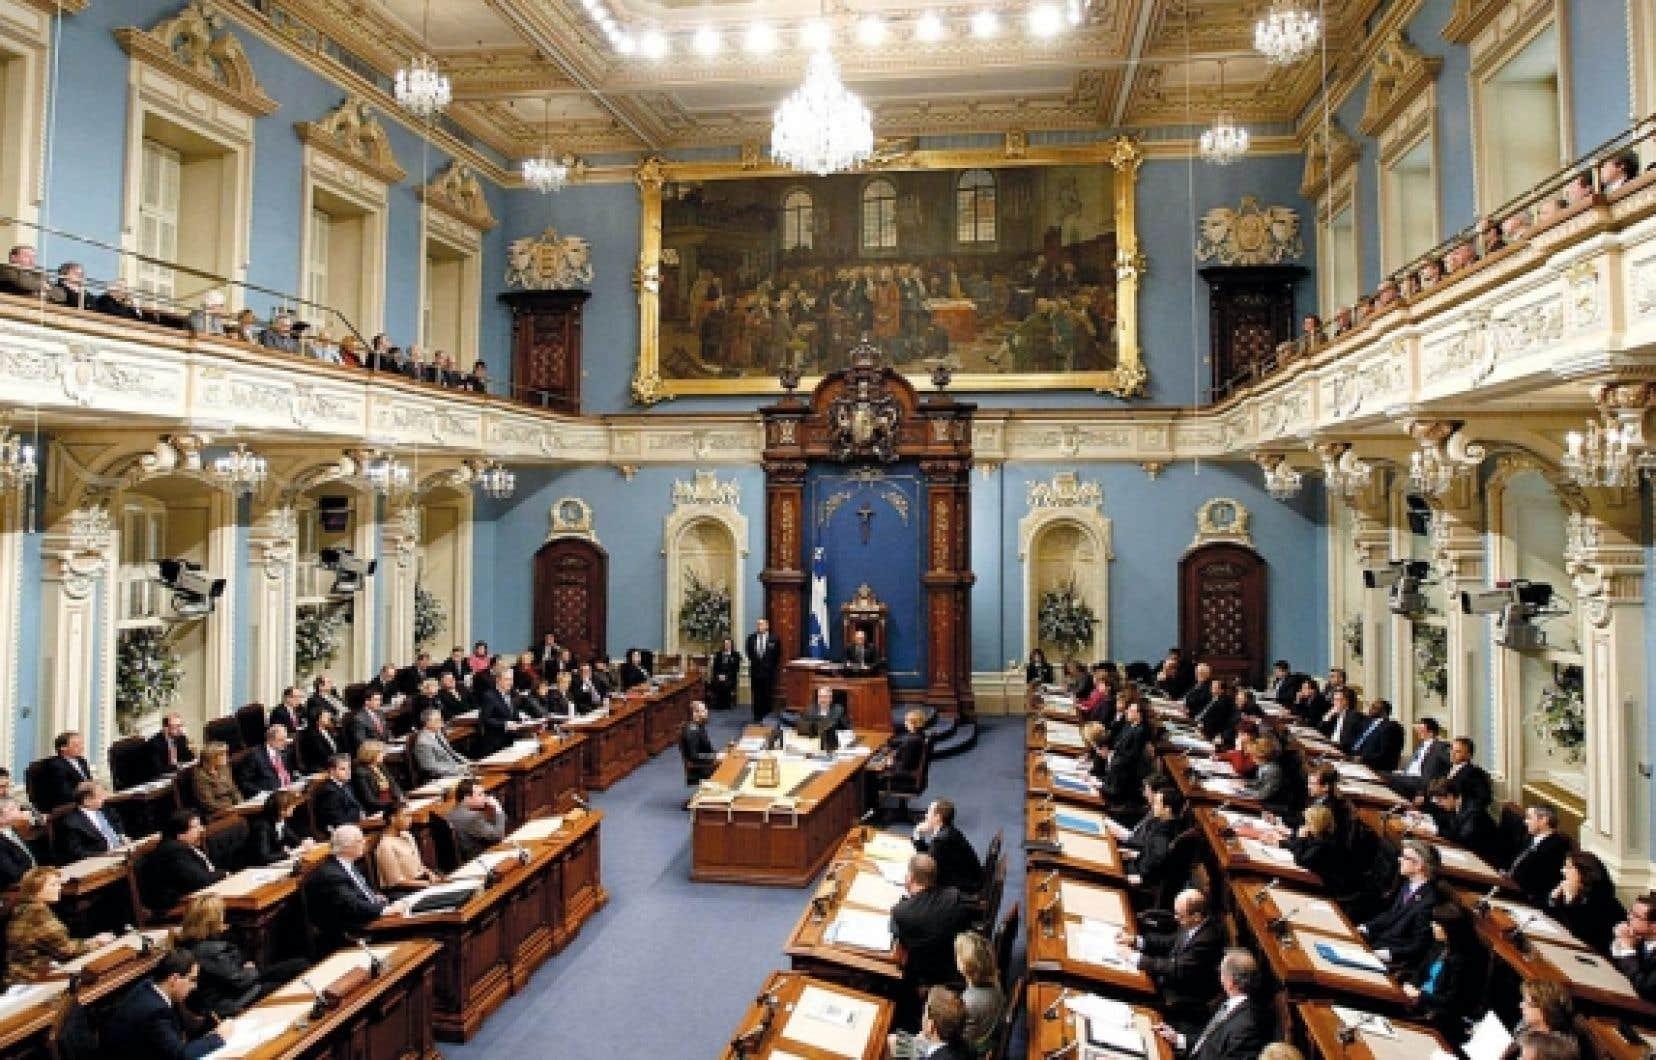 La possibilité d'une prorogation de l'actuelle session parlementaire et la lecture d'un discours d'ouverture par le premier ministre font partie des scénarios les plus probables pour l'hiver.